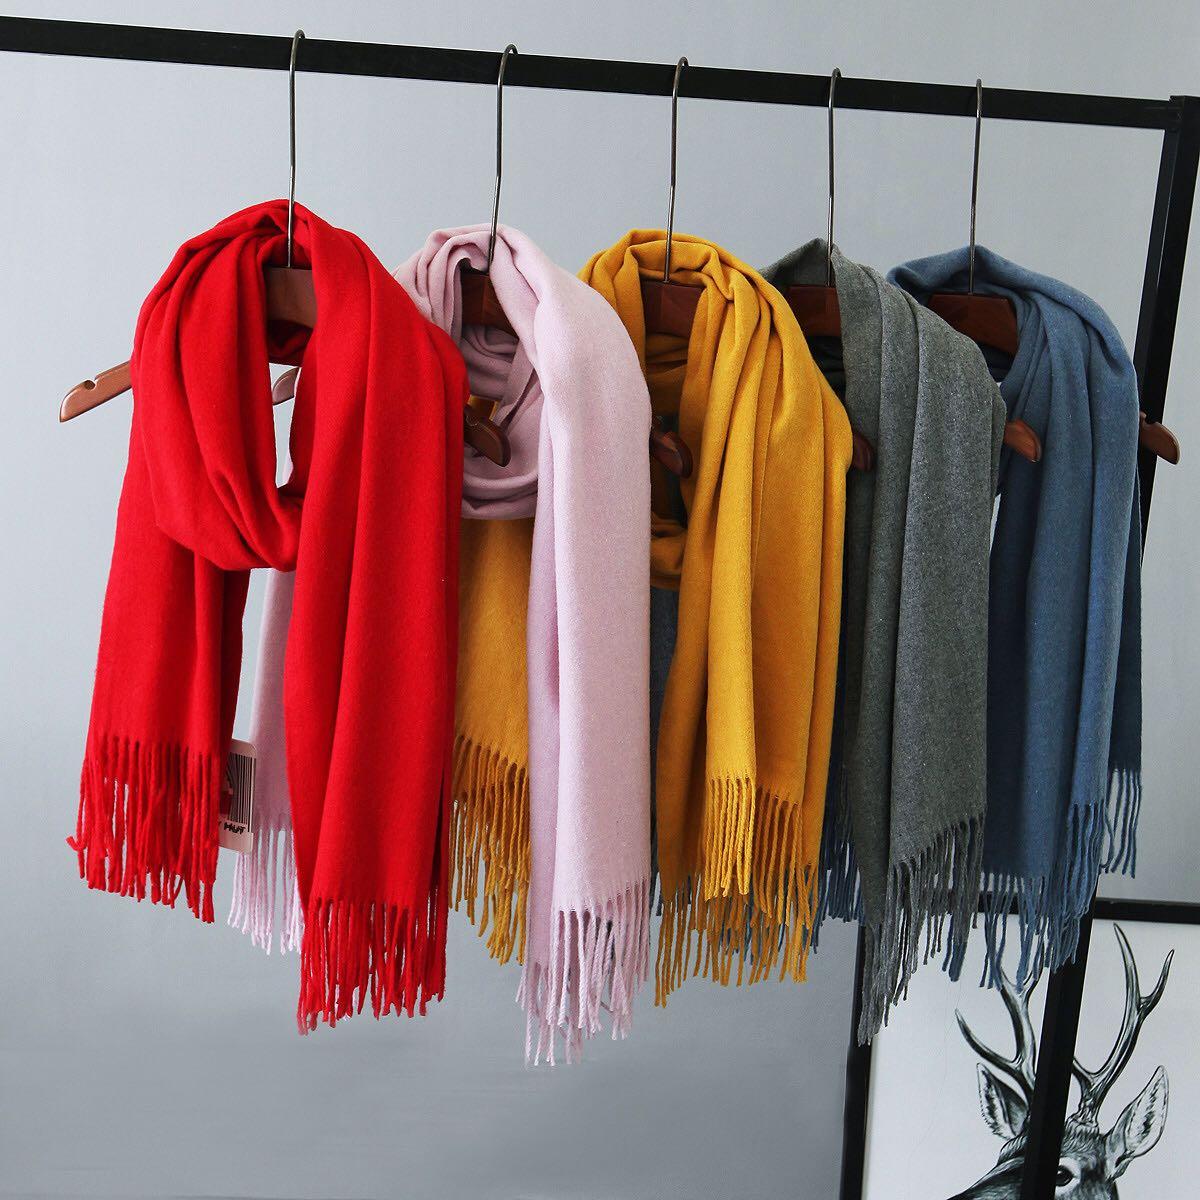 羊毛加长加厚实保暖流苏围巾女冬季披肩两用韩版学生纯色百搭围脖